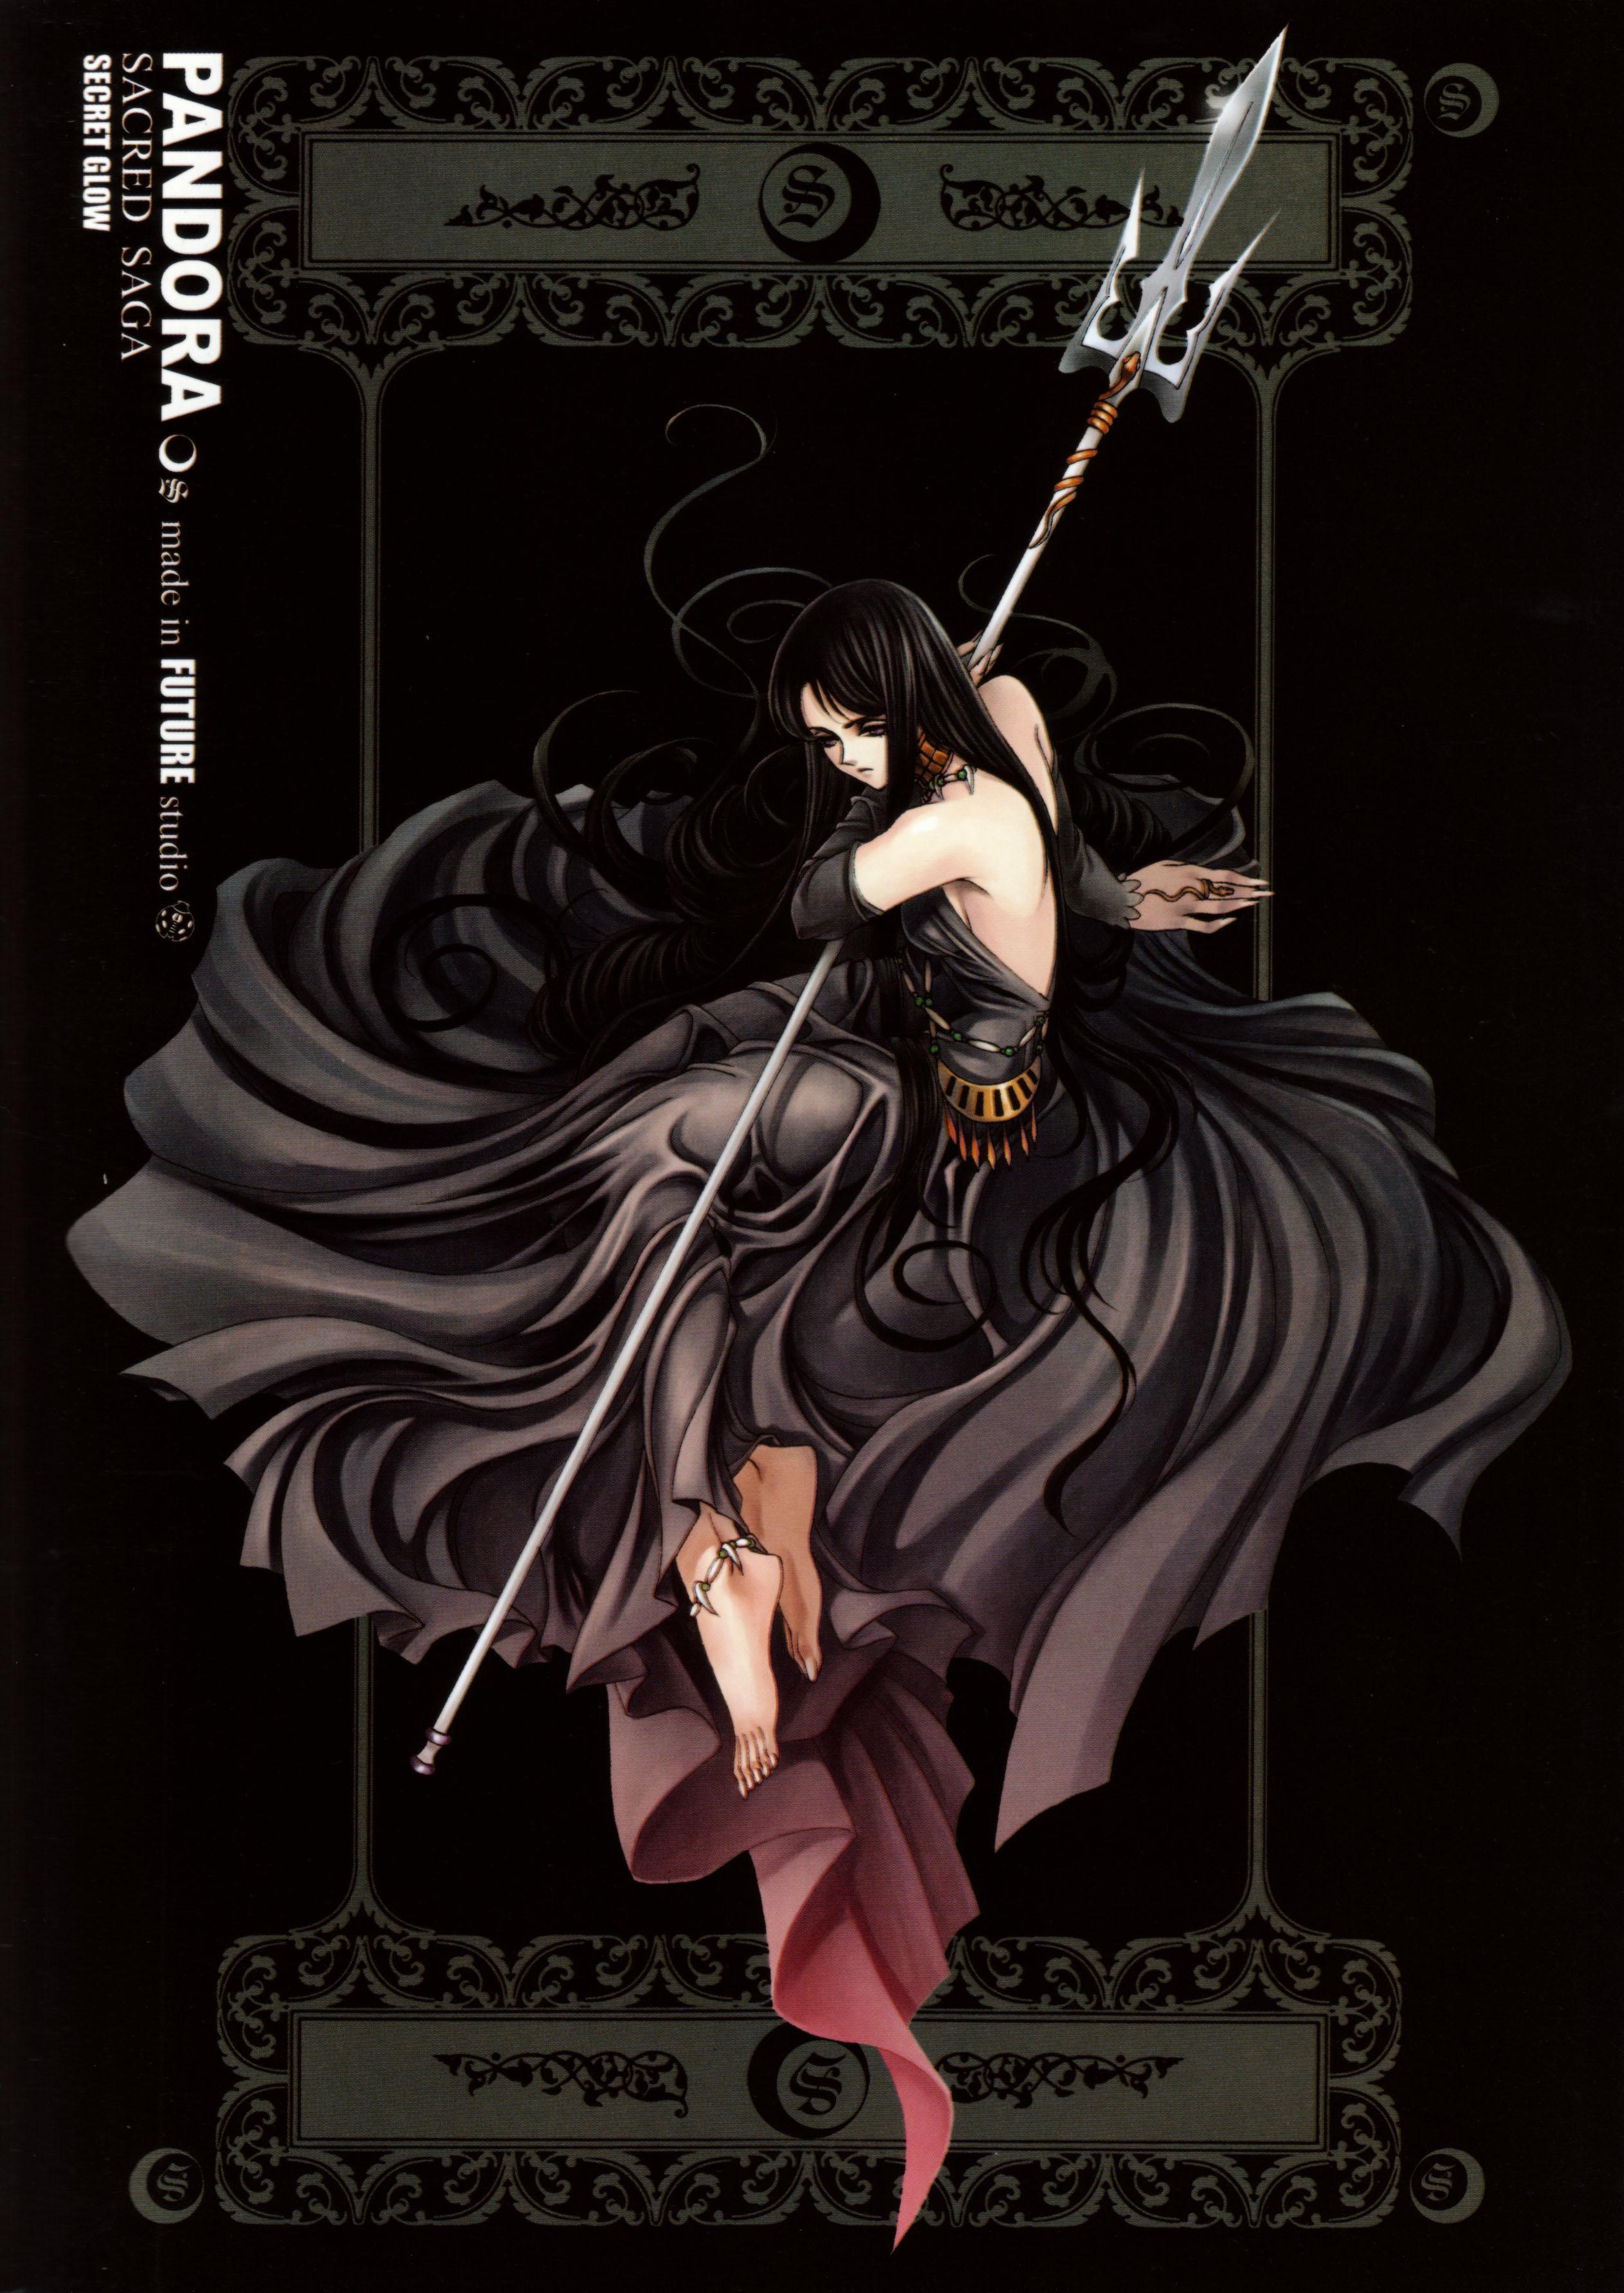 Download Saint Seiya: Future Studio ~ Pandora (2525x3565) - Minitokyo